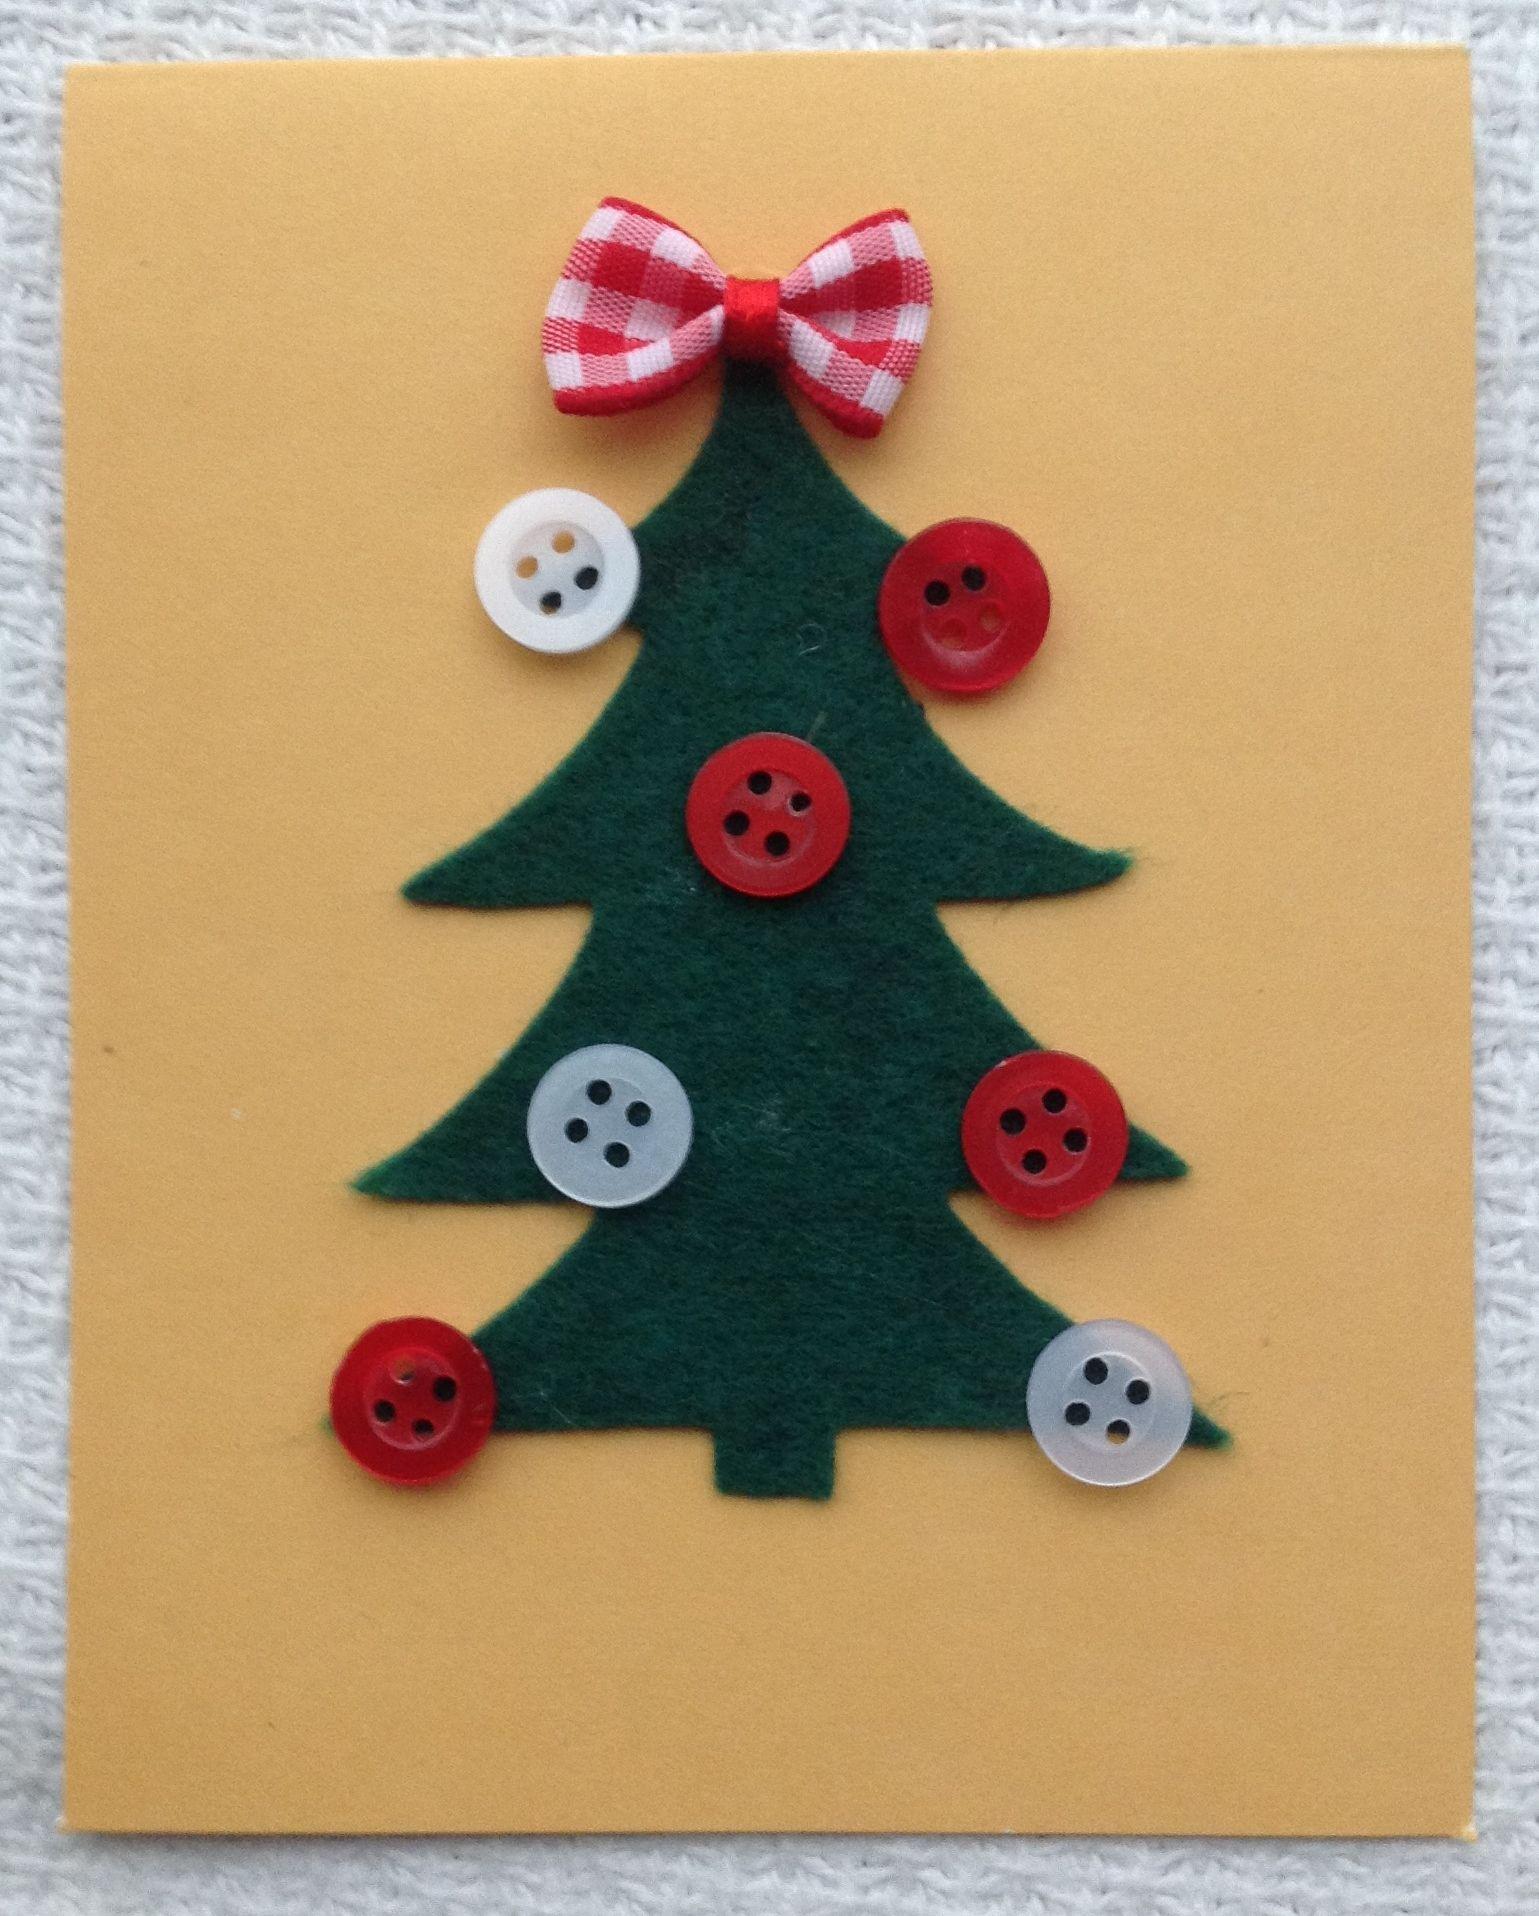 Tarjeta navide a f cil de hacer manualidades navide as - Como hacer tarjetas de navidad faciles ...